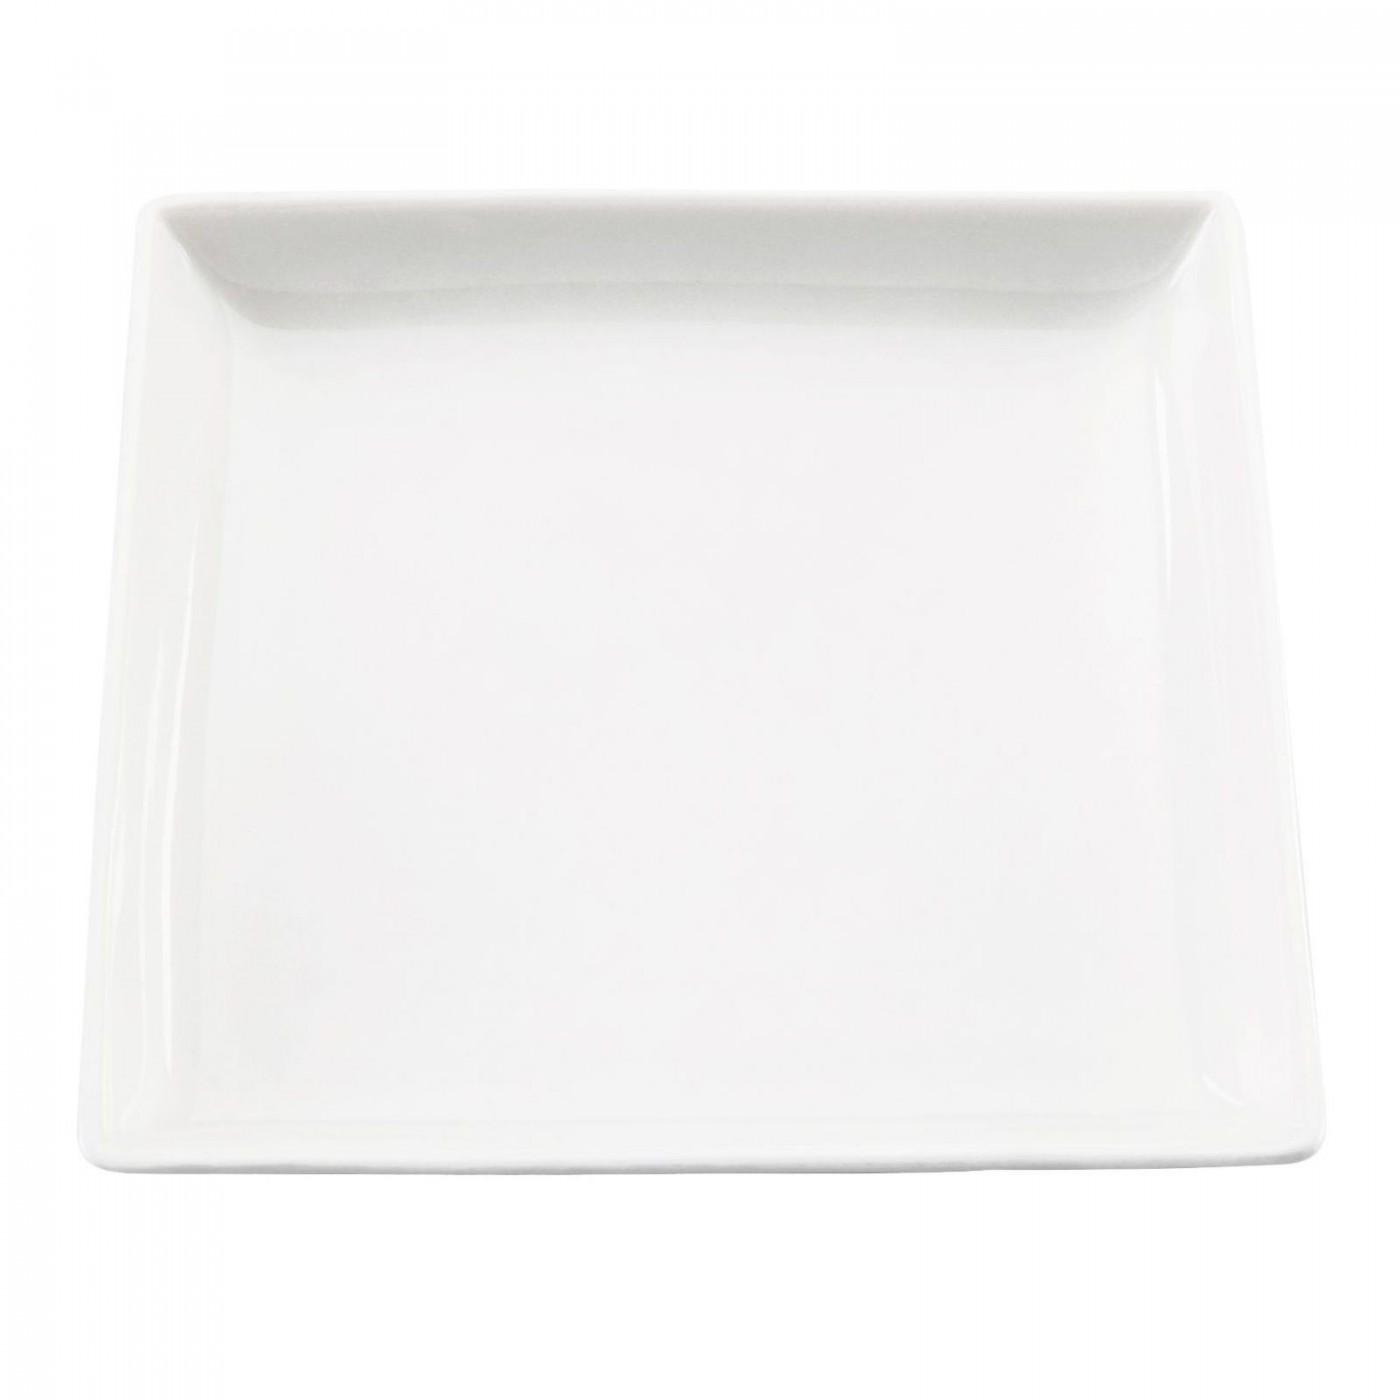 Assiette en porcelaine carrée 26x26cm